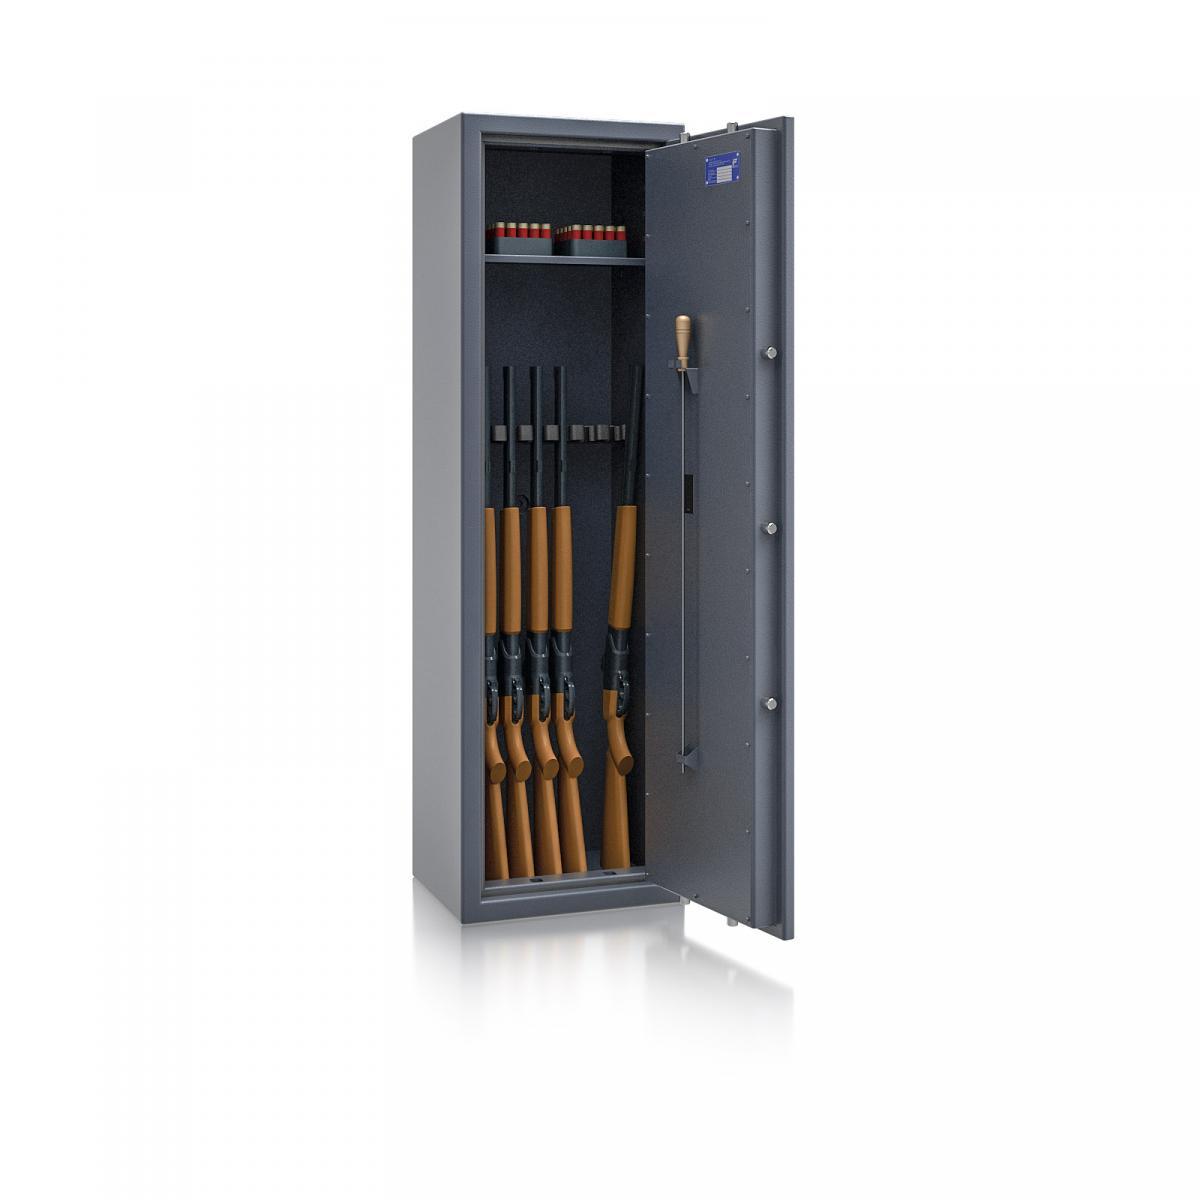 Waffenschrank St. Gallen WF NEW 4 - 1500x450x350 / 150kg 56473 / Klasse I / RAL7024 / Elektr. Basic / DIN R